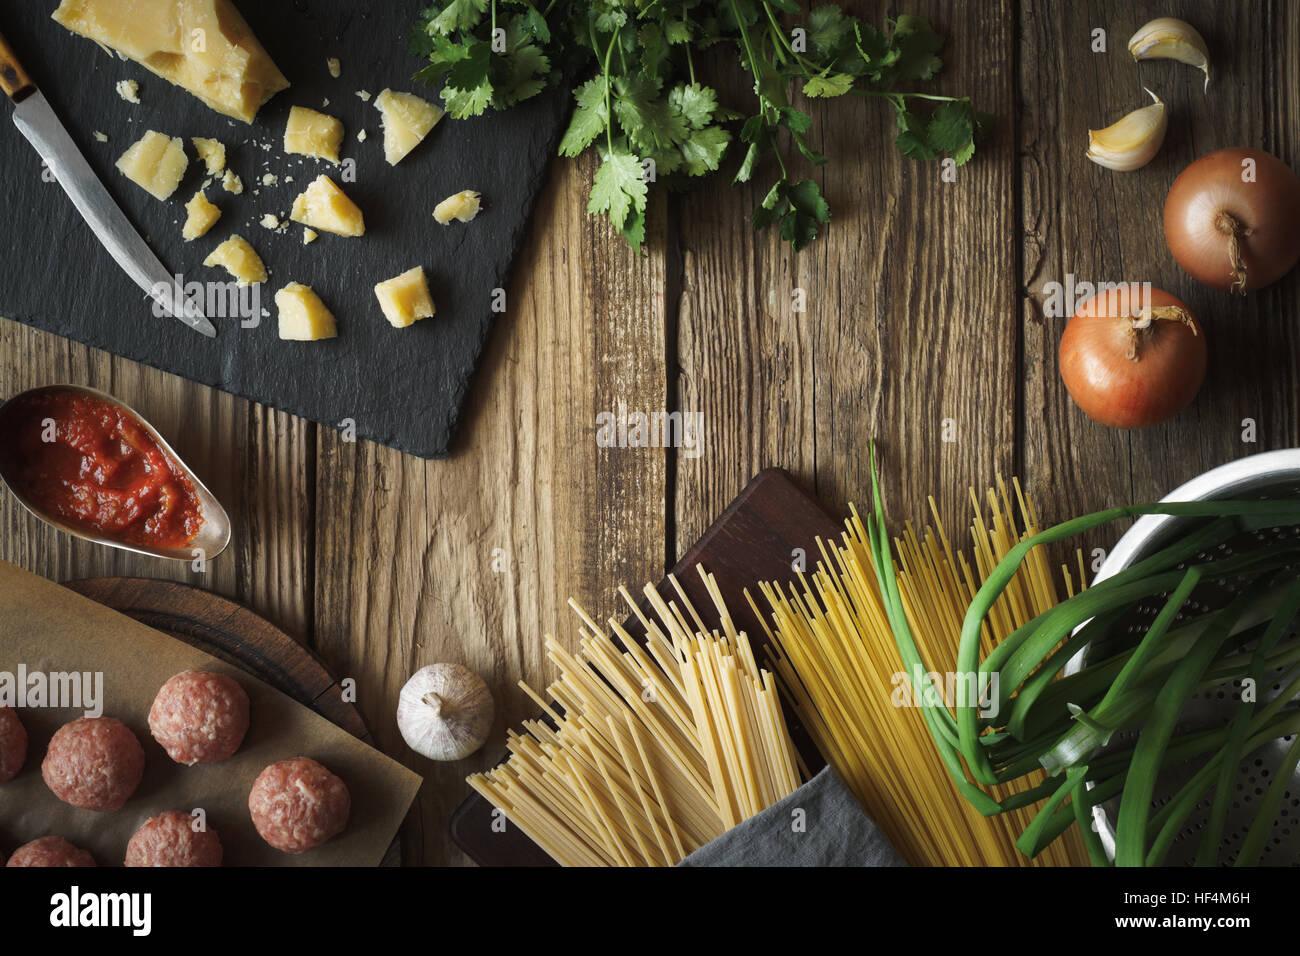 Gli ingredienti per cucinare gli spaghetti, Polpette con formaggio ed erbe fresche orizzontale dello spazio di copia Immagini Stock